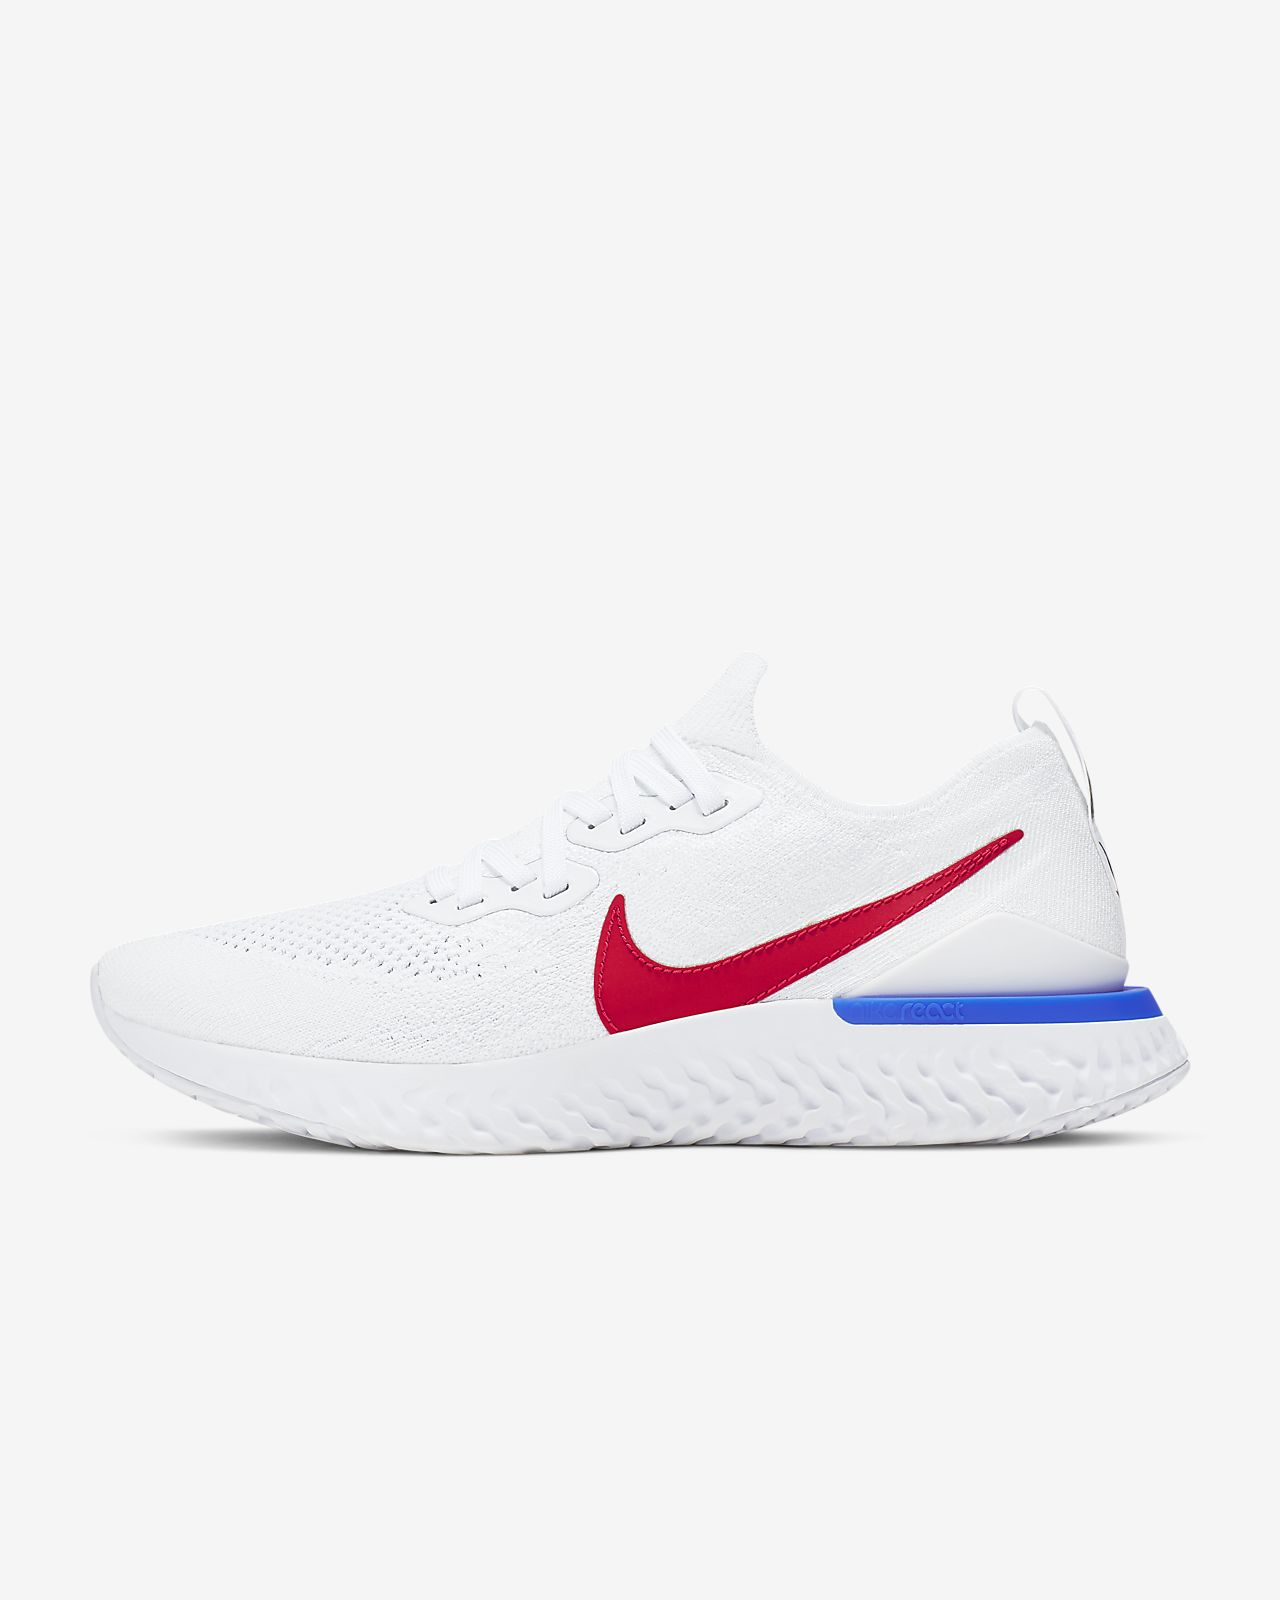 Męskie buty do biegania Nike Epic React Flyknit 2 BRS